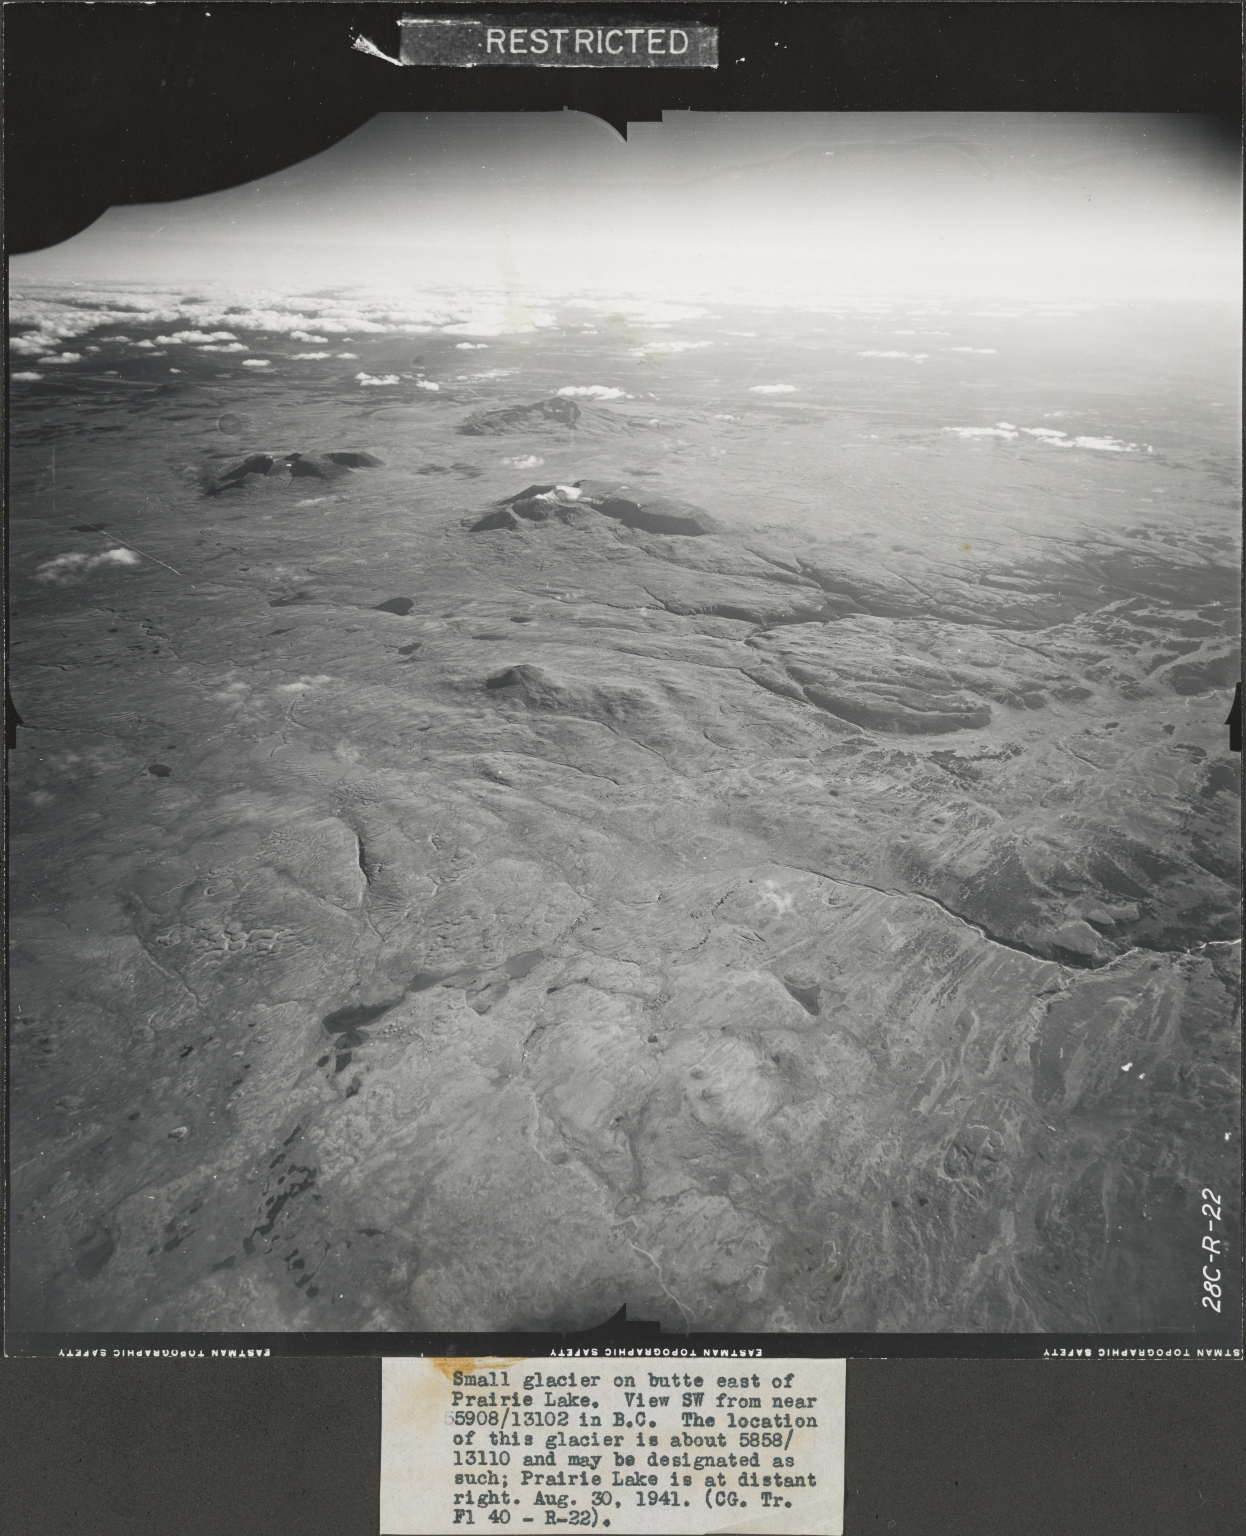 Prairie Lake, aerial photograph FL 40 R-22, British Columbia